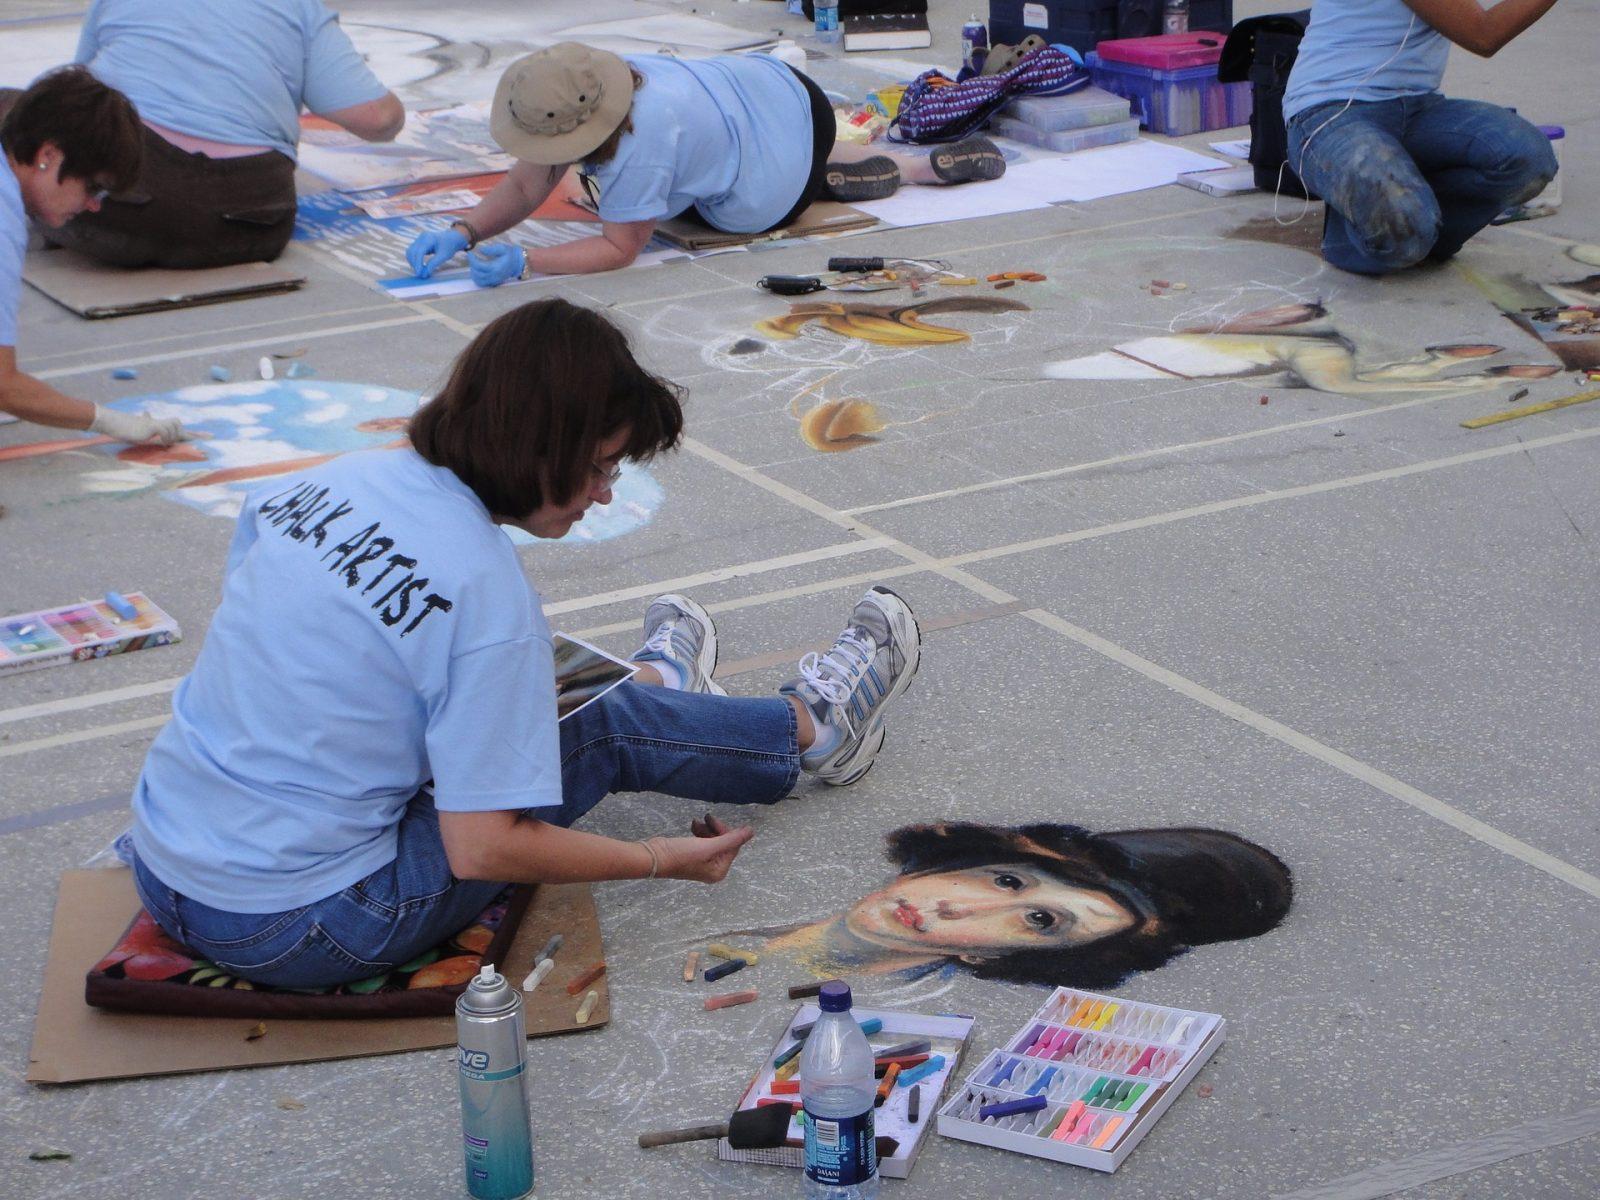 What to do in Orlando: Sidewalk chalk artists in Orlando